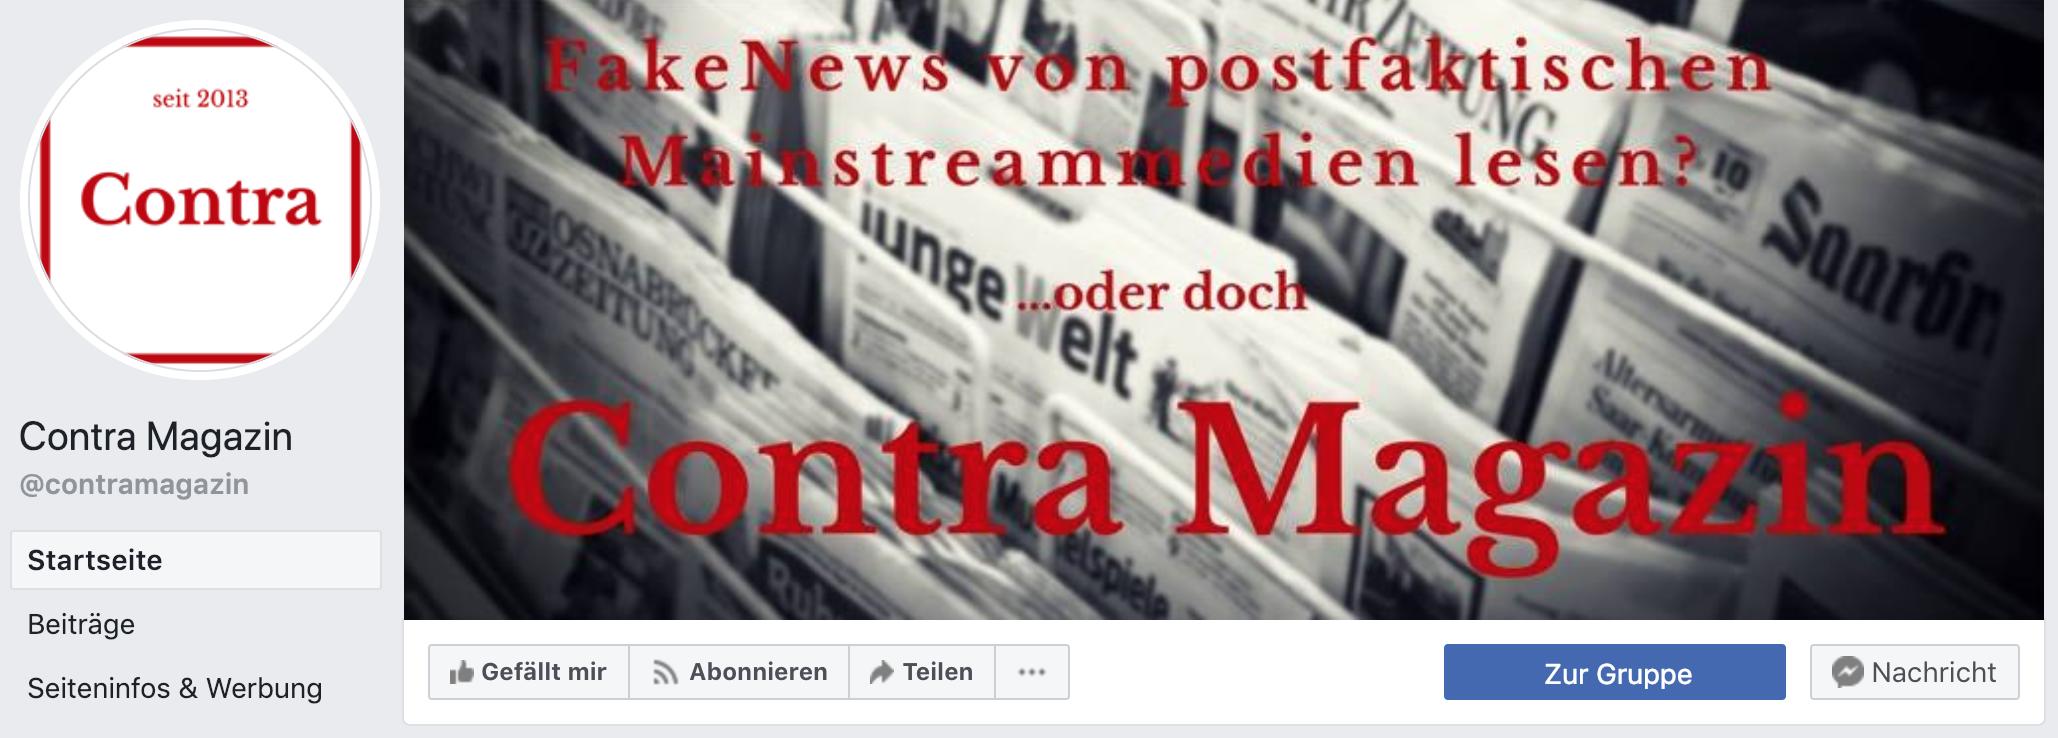 Contra Magazin auf Facebook